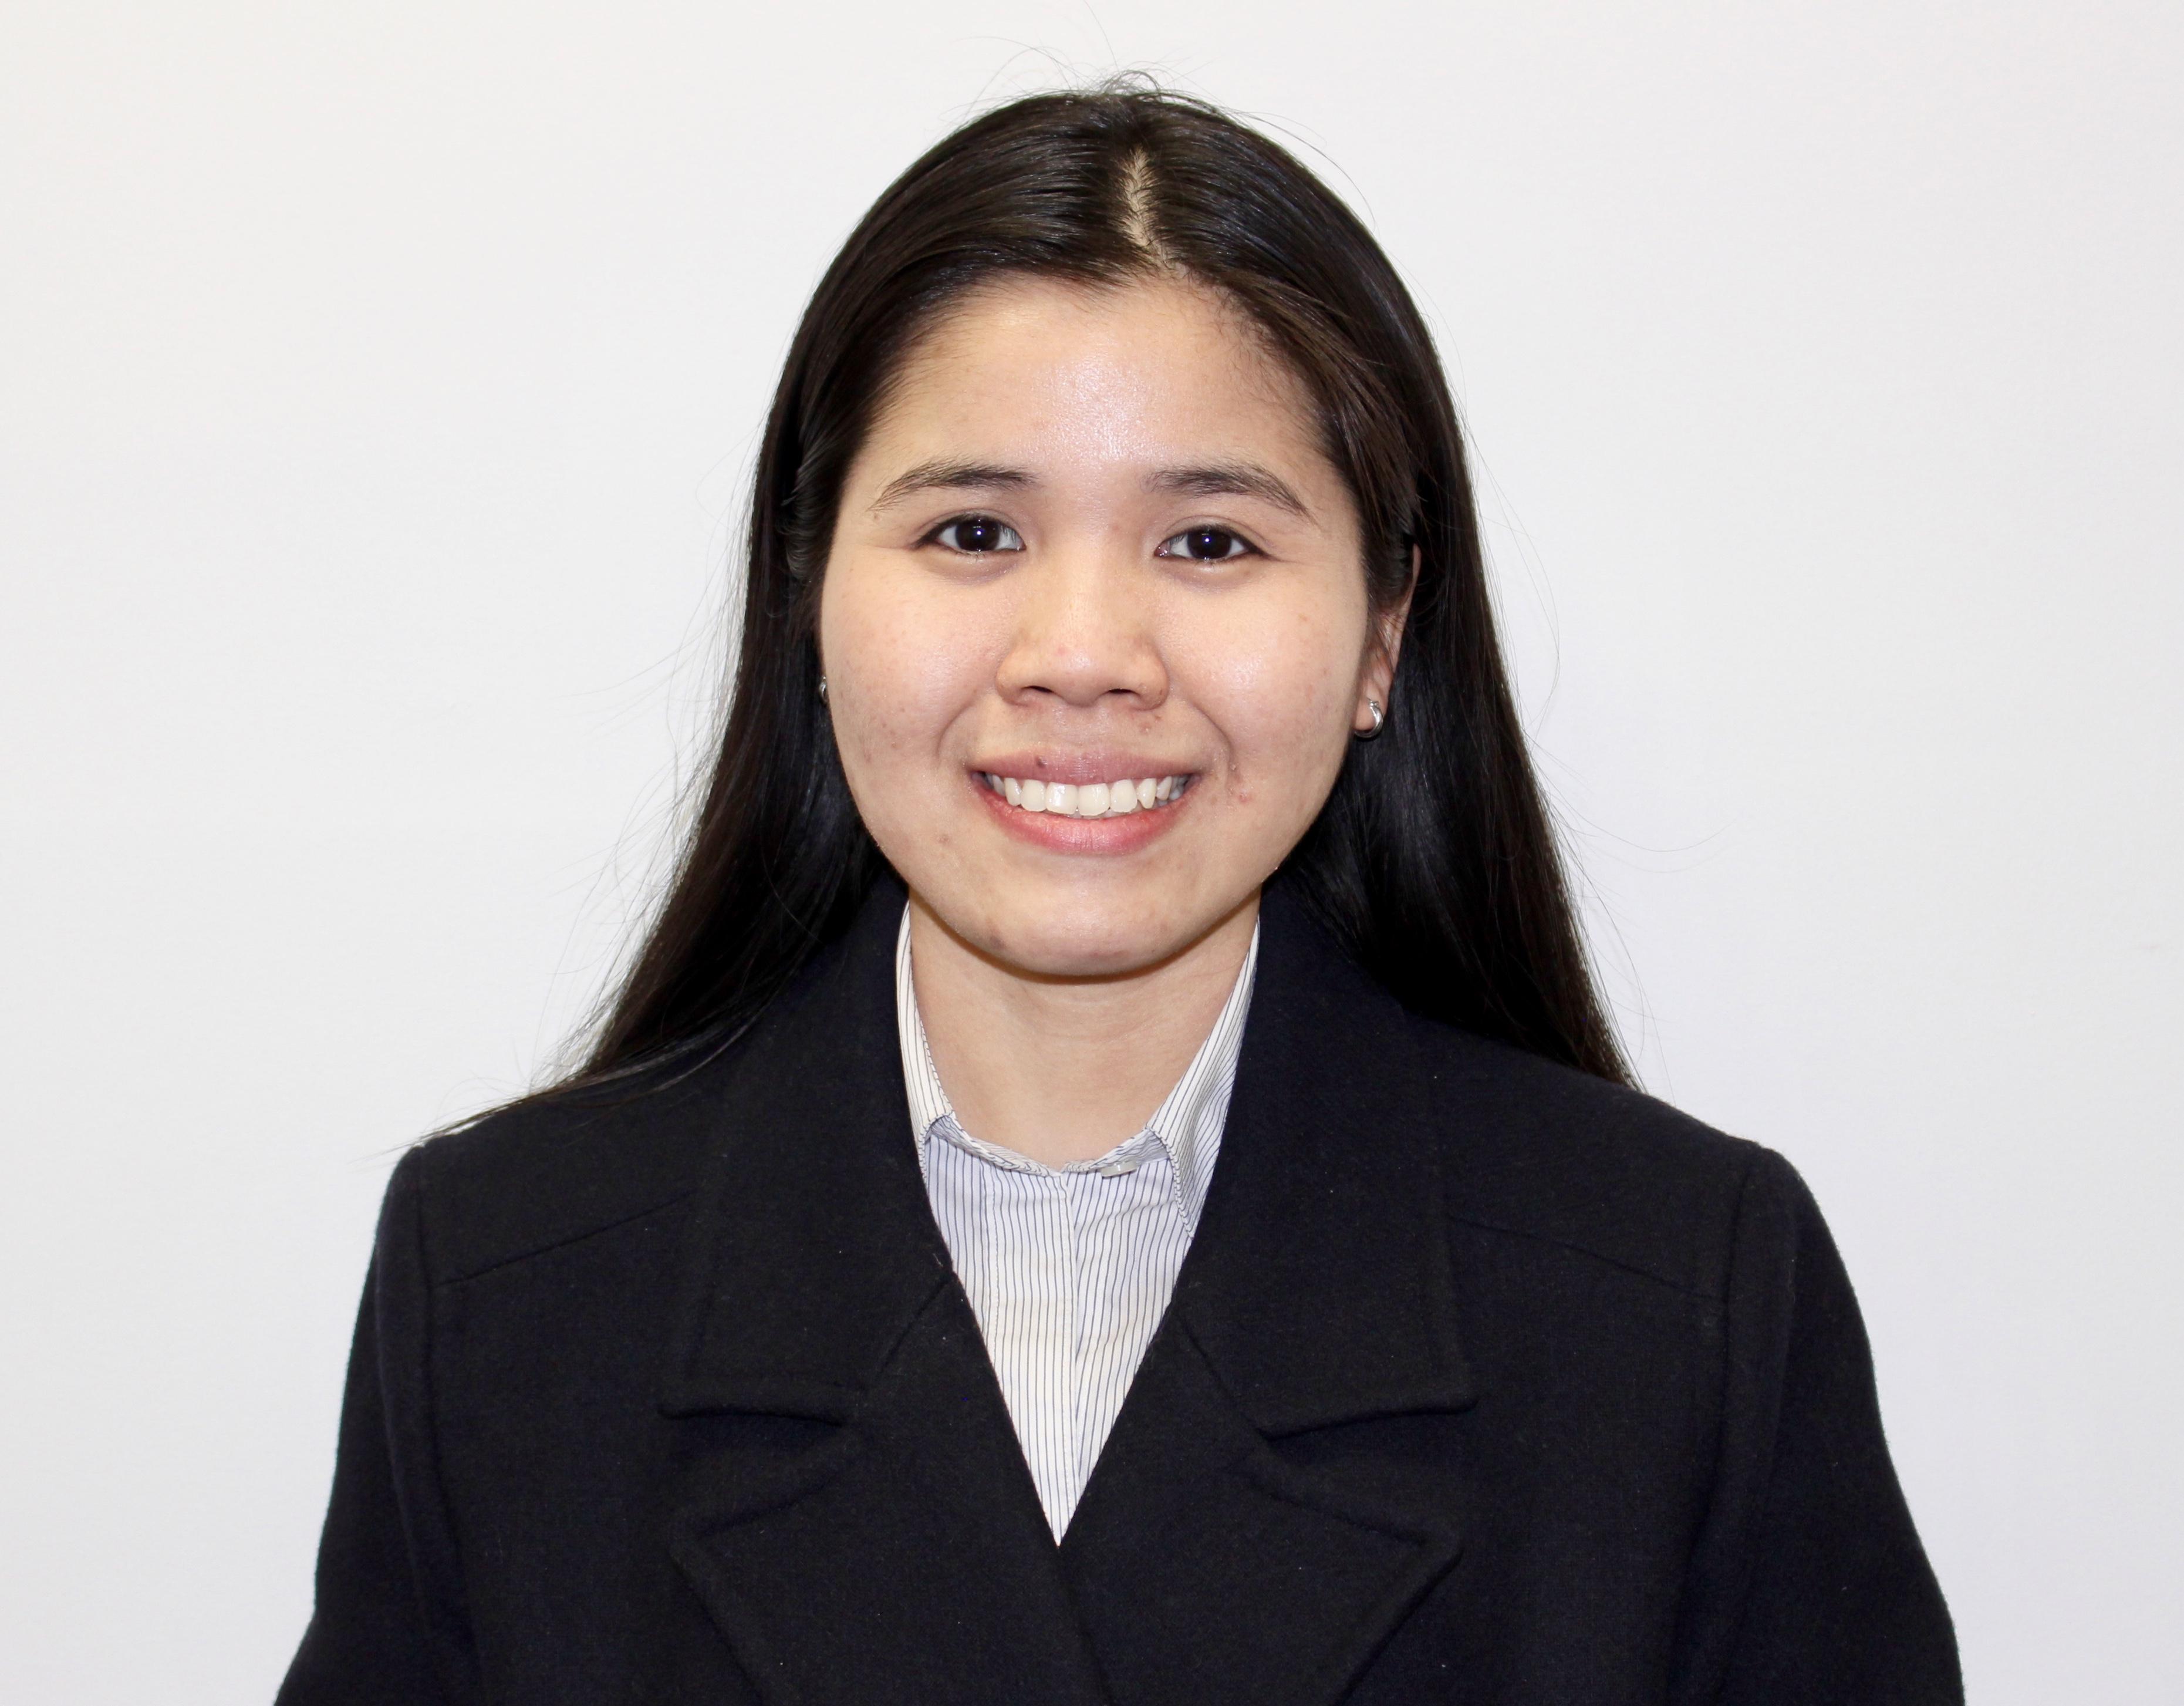 Jessie Trinh